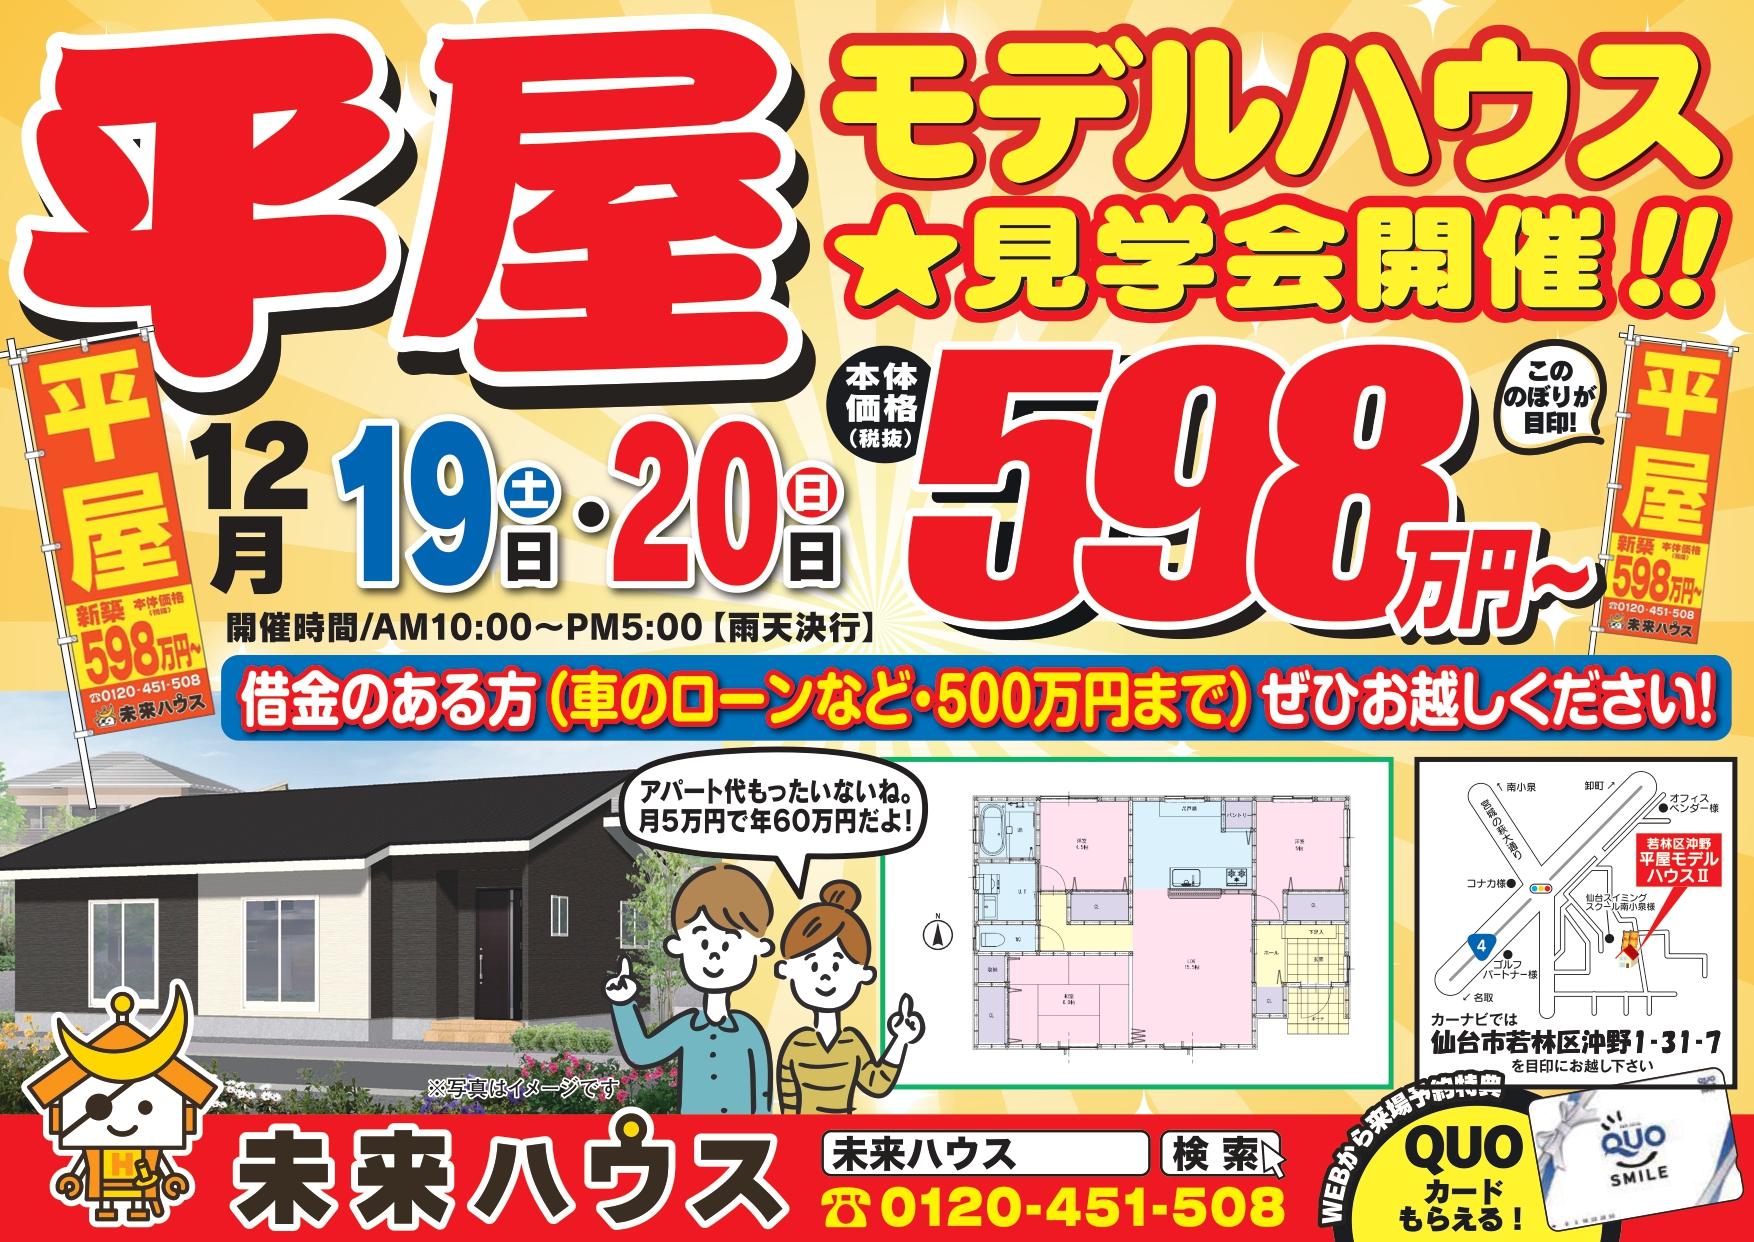 沖野平屋モデルハウスⅡ 見学会開催!